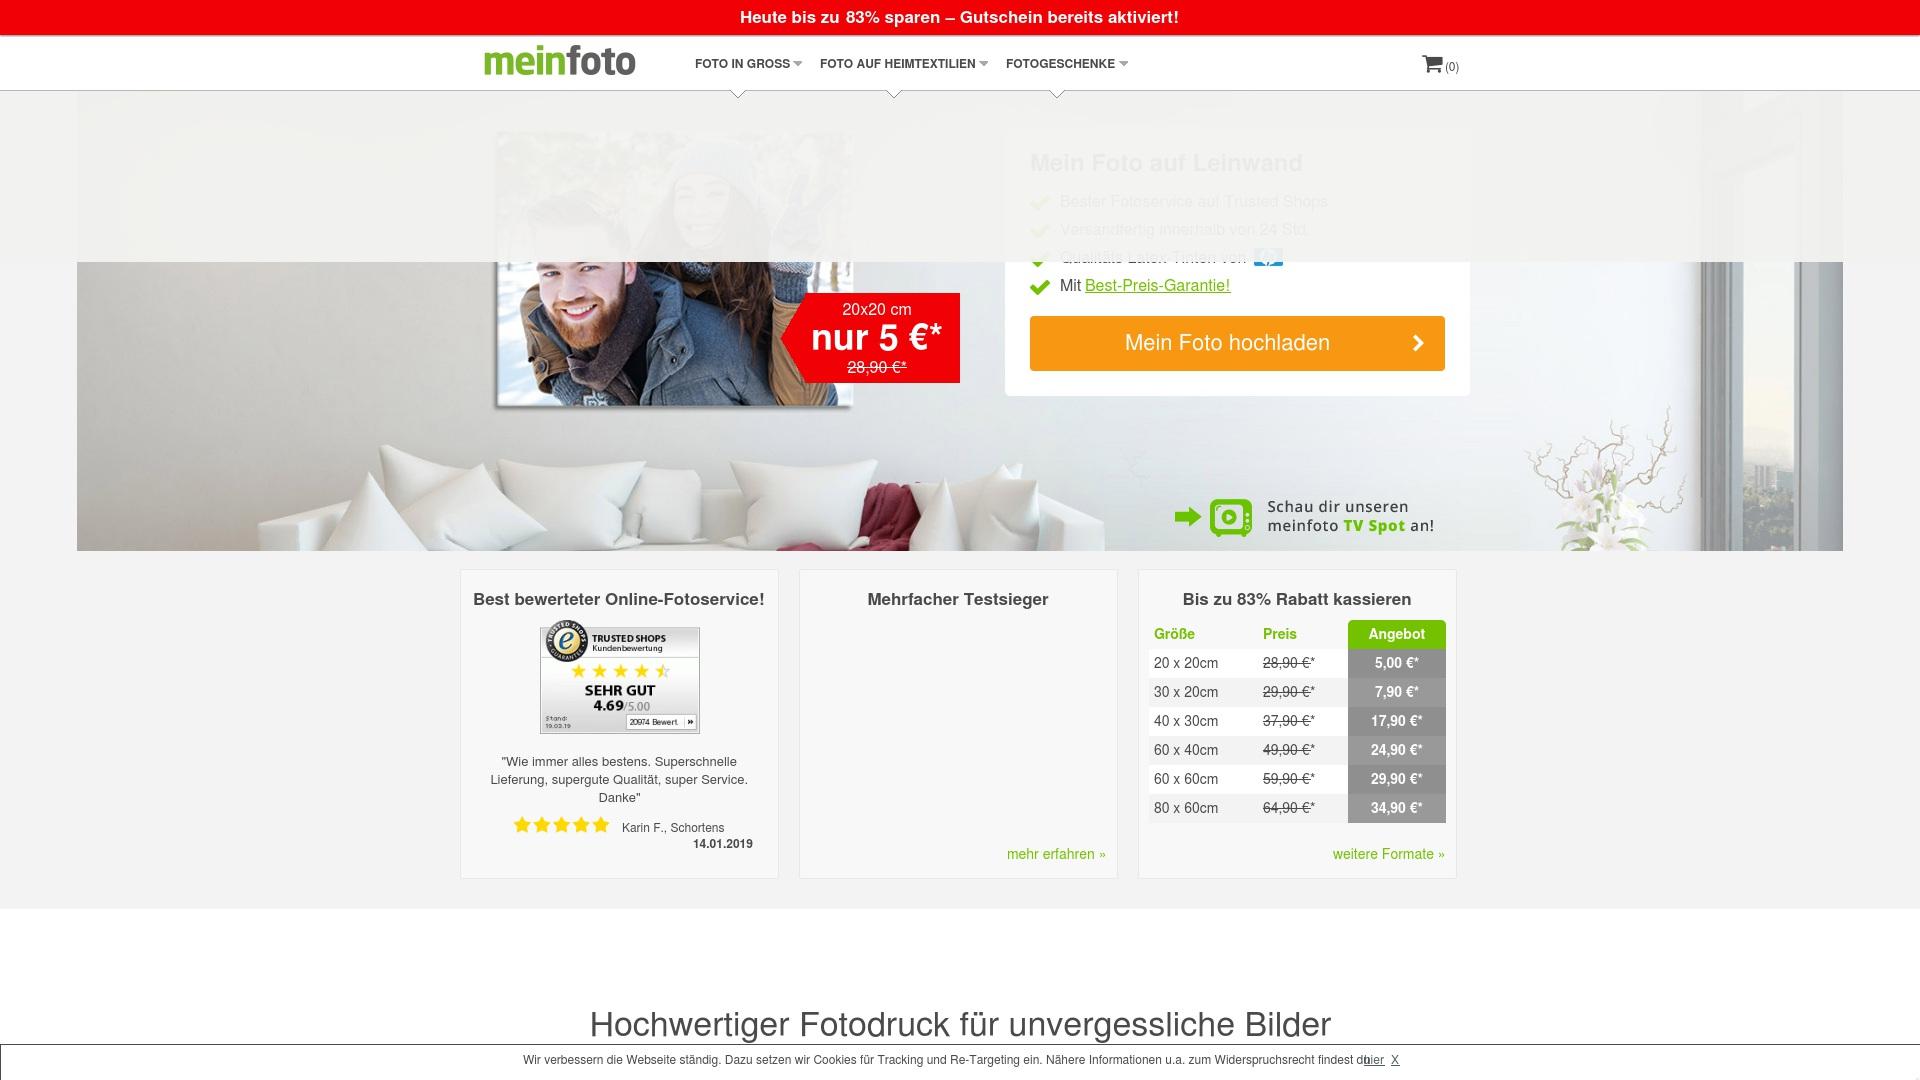 Gutschein für Meinfoto: Rabatte für  Meinfoto sichern